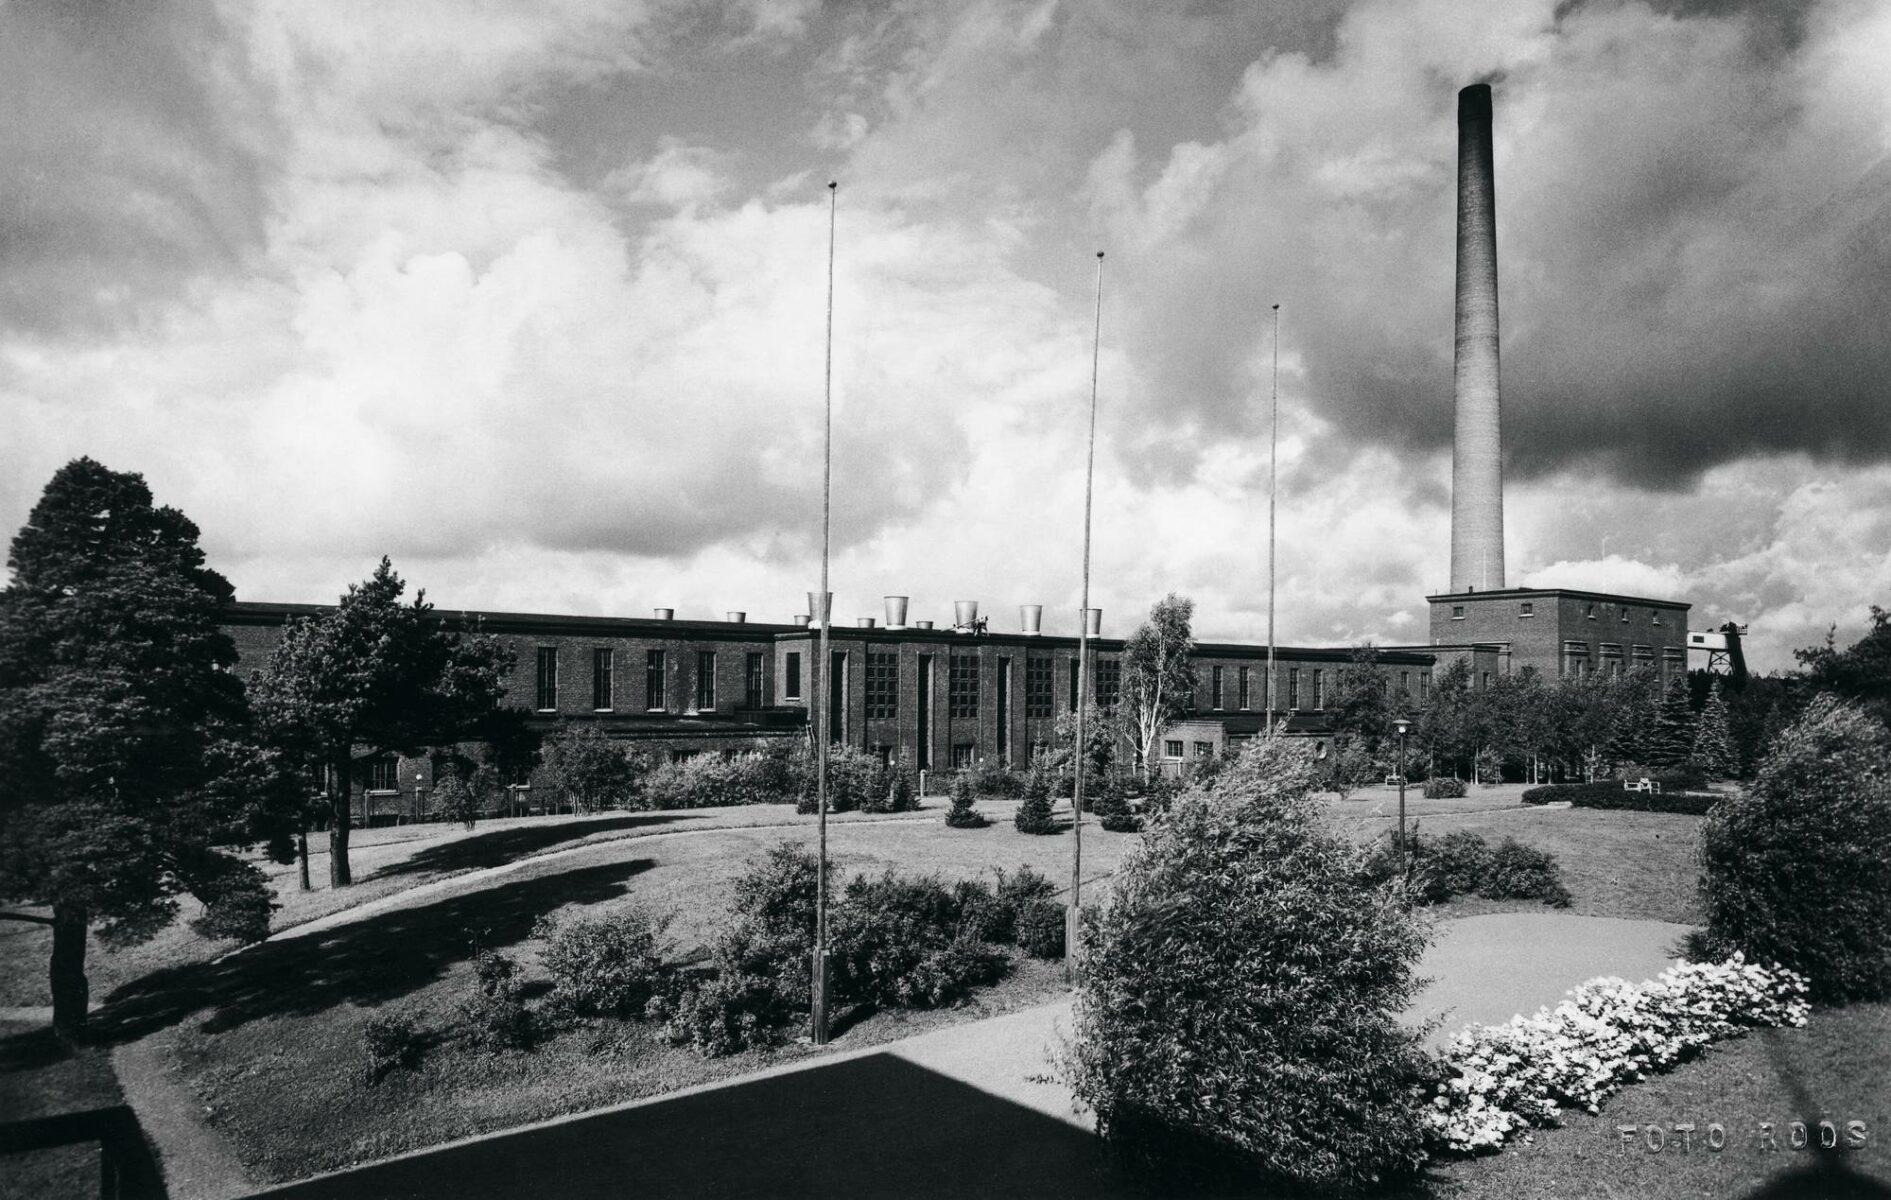 Myllykosken tehdas tuotti paperia yli sadan vuoden ajan. Kuva 1950-luvulta.